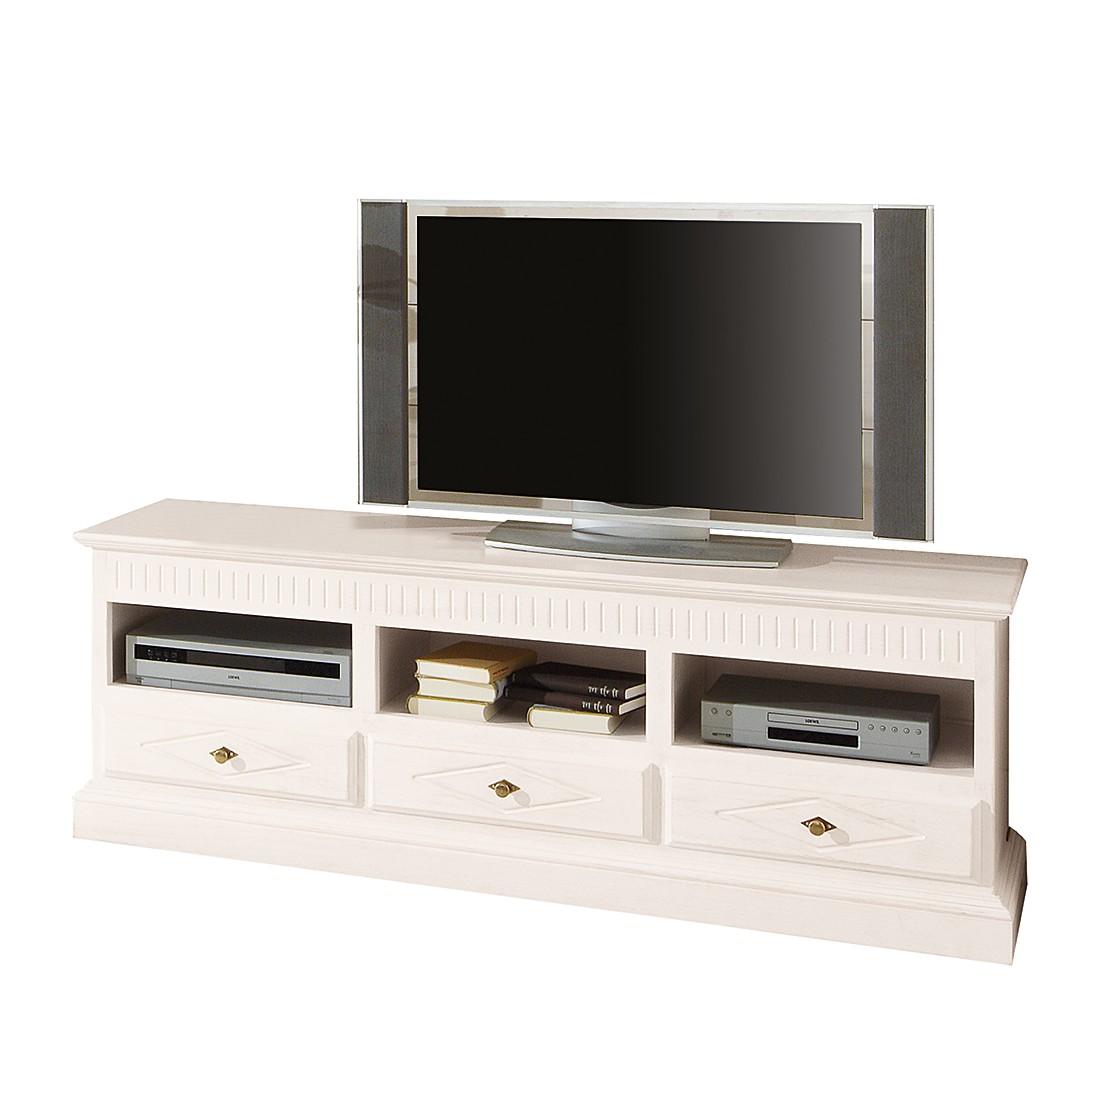 Lowboard Von Landhaus Classic Bei Home24 Bestellen | Home24